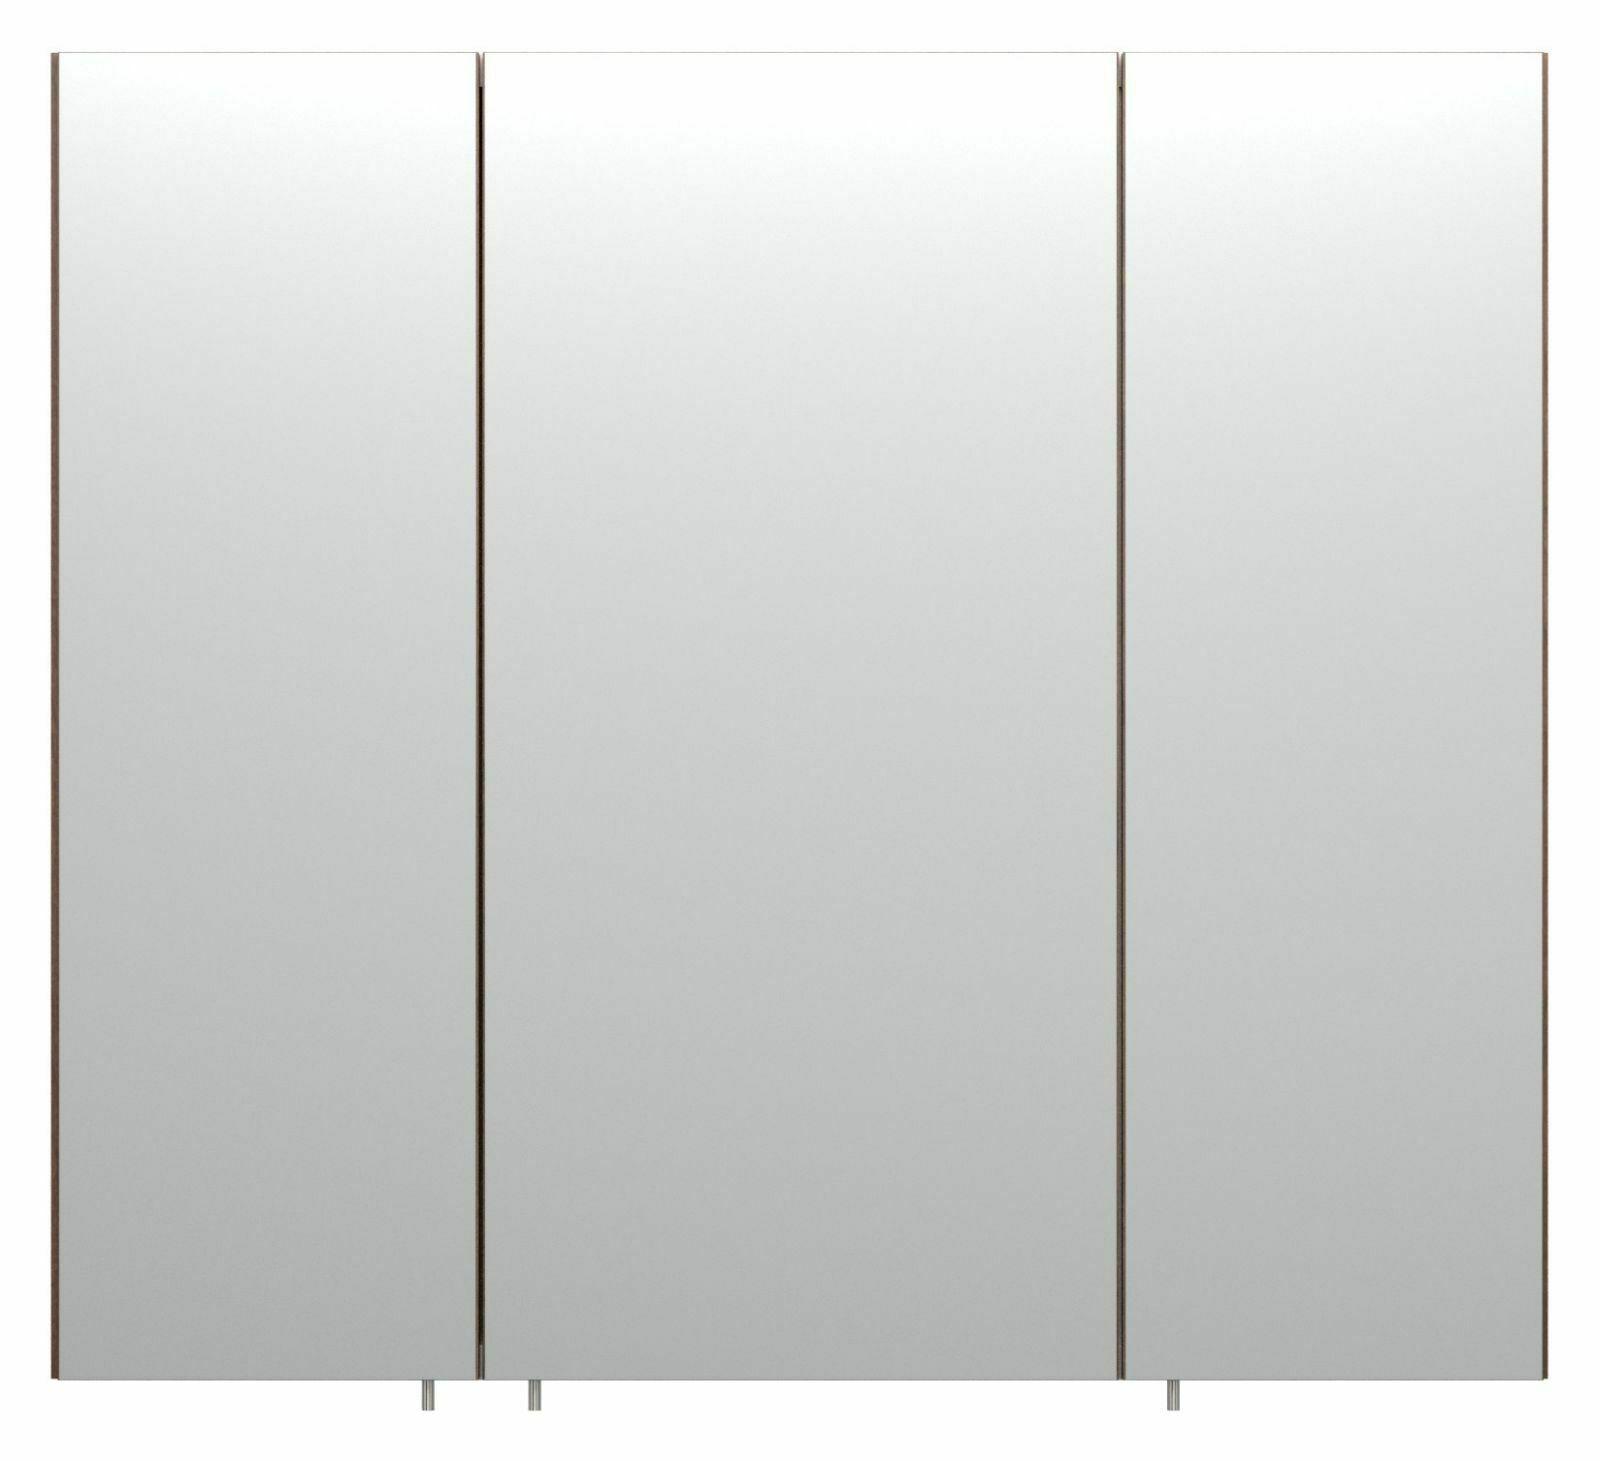 Badezimmer Spiegelschrank 11 cm Spiegel Holzdekor 11-türig ohne Beleuchtung  *11